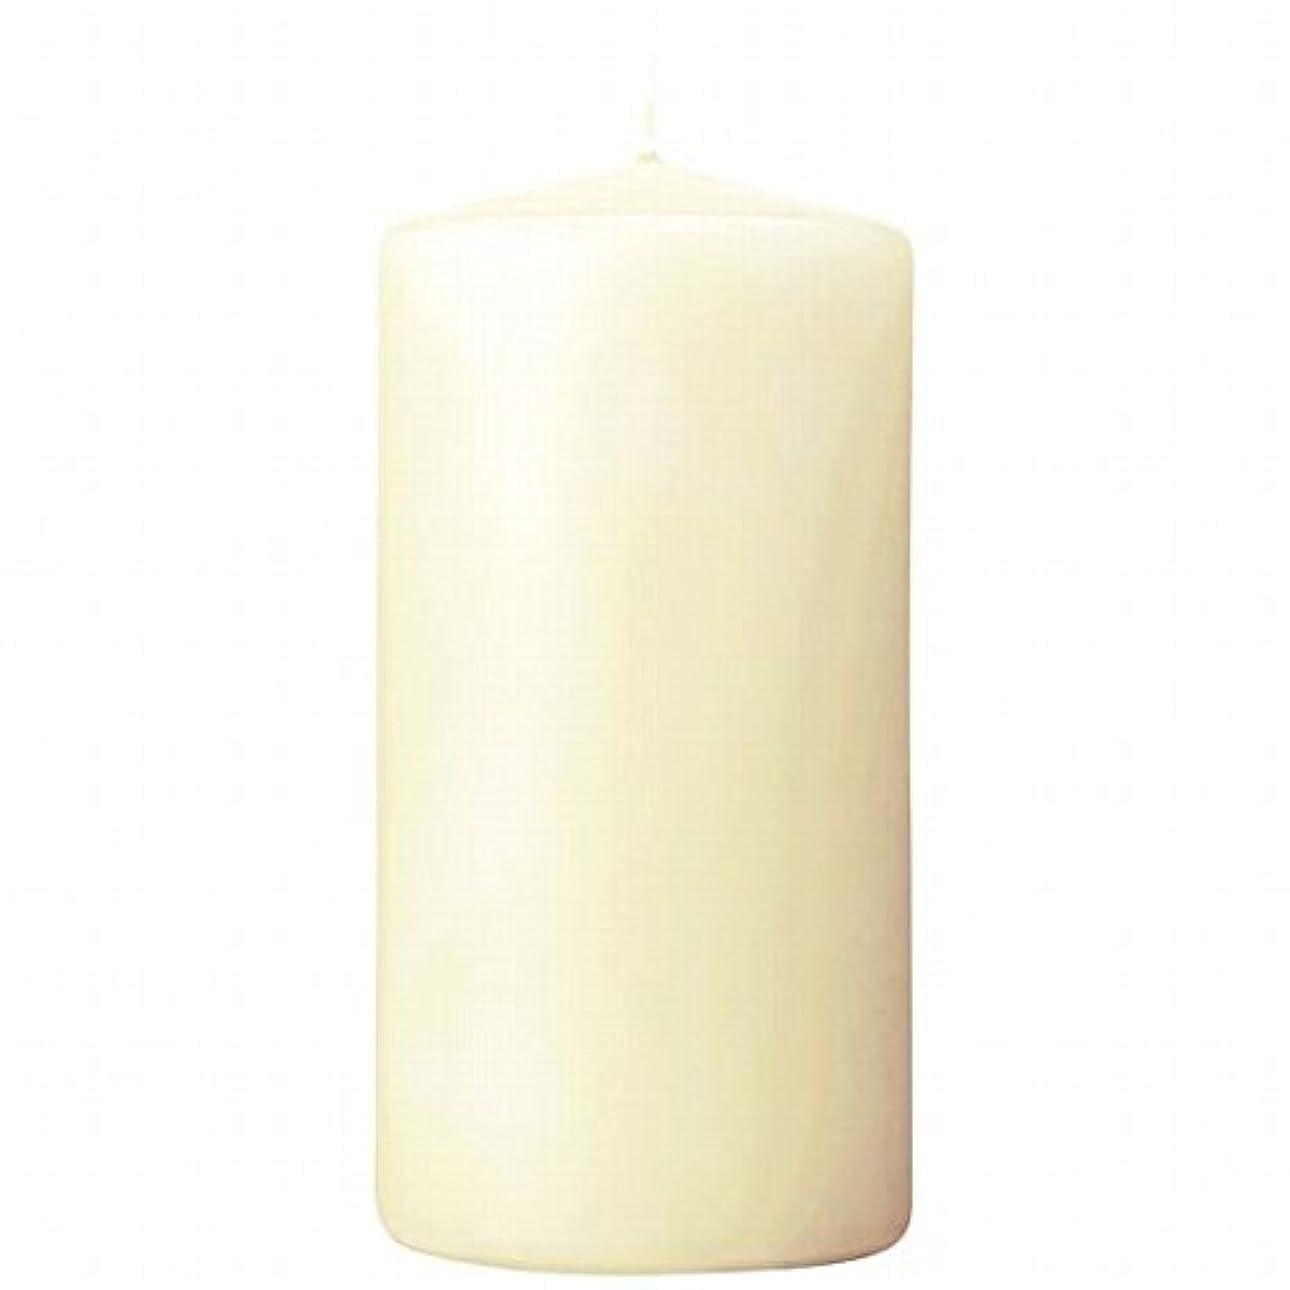 エゴイズム平和的クリスチャンカメヤマキャンドル(kameyama candle) 3×6ベルトップピラーキャンドル 「 アイボリー 」